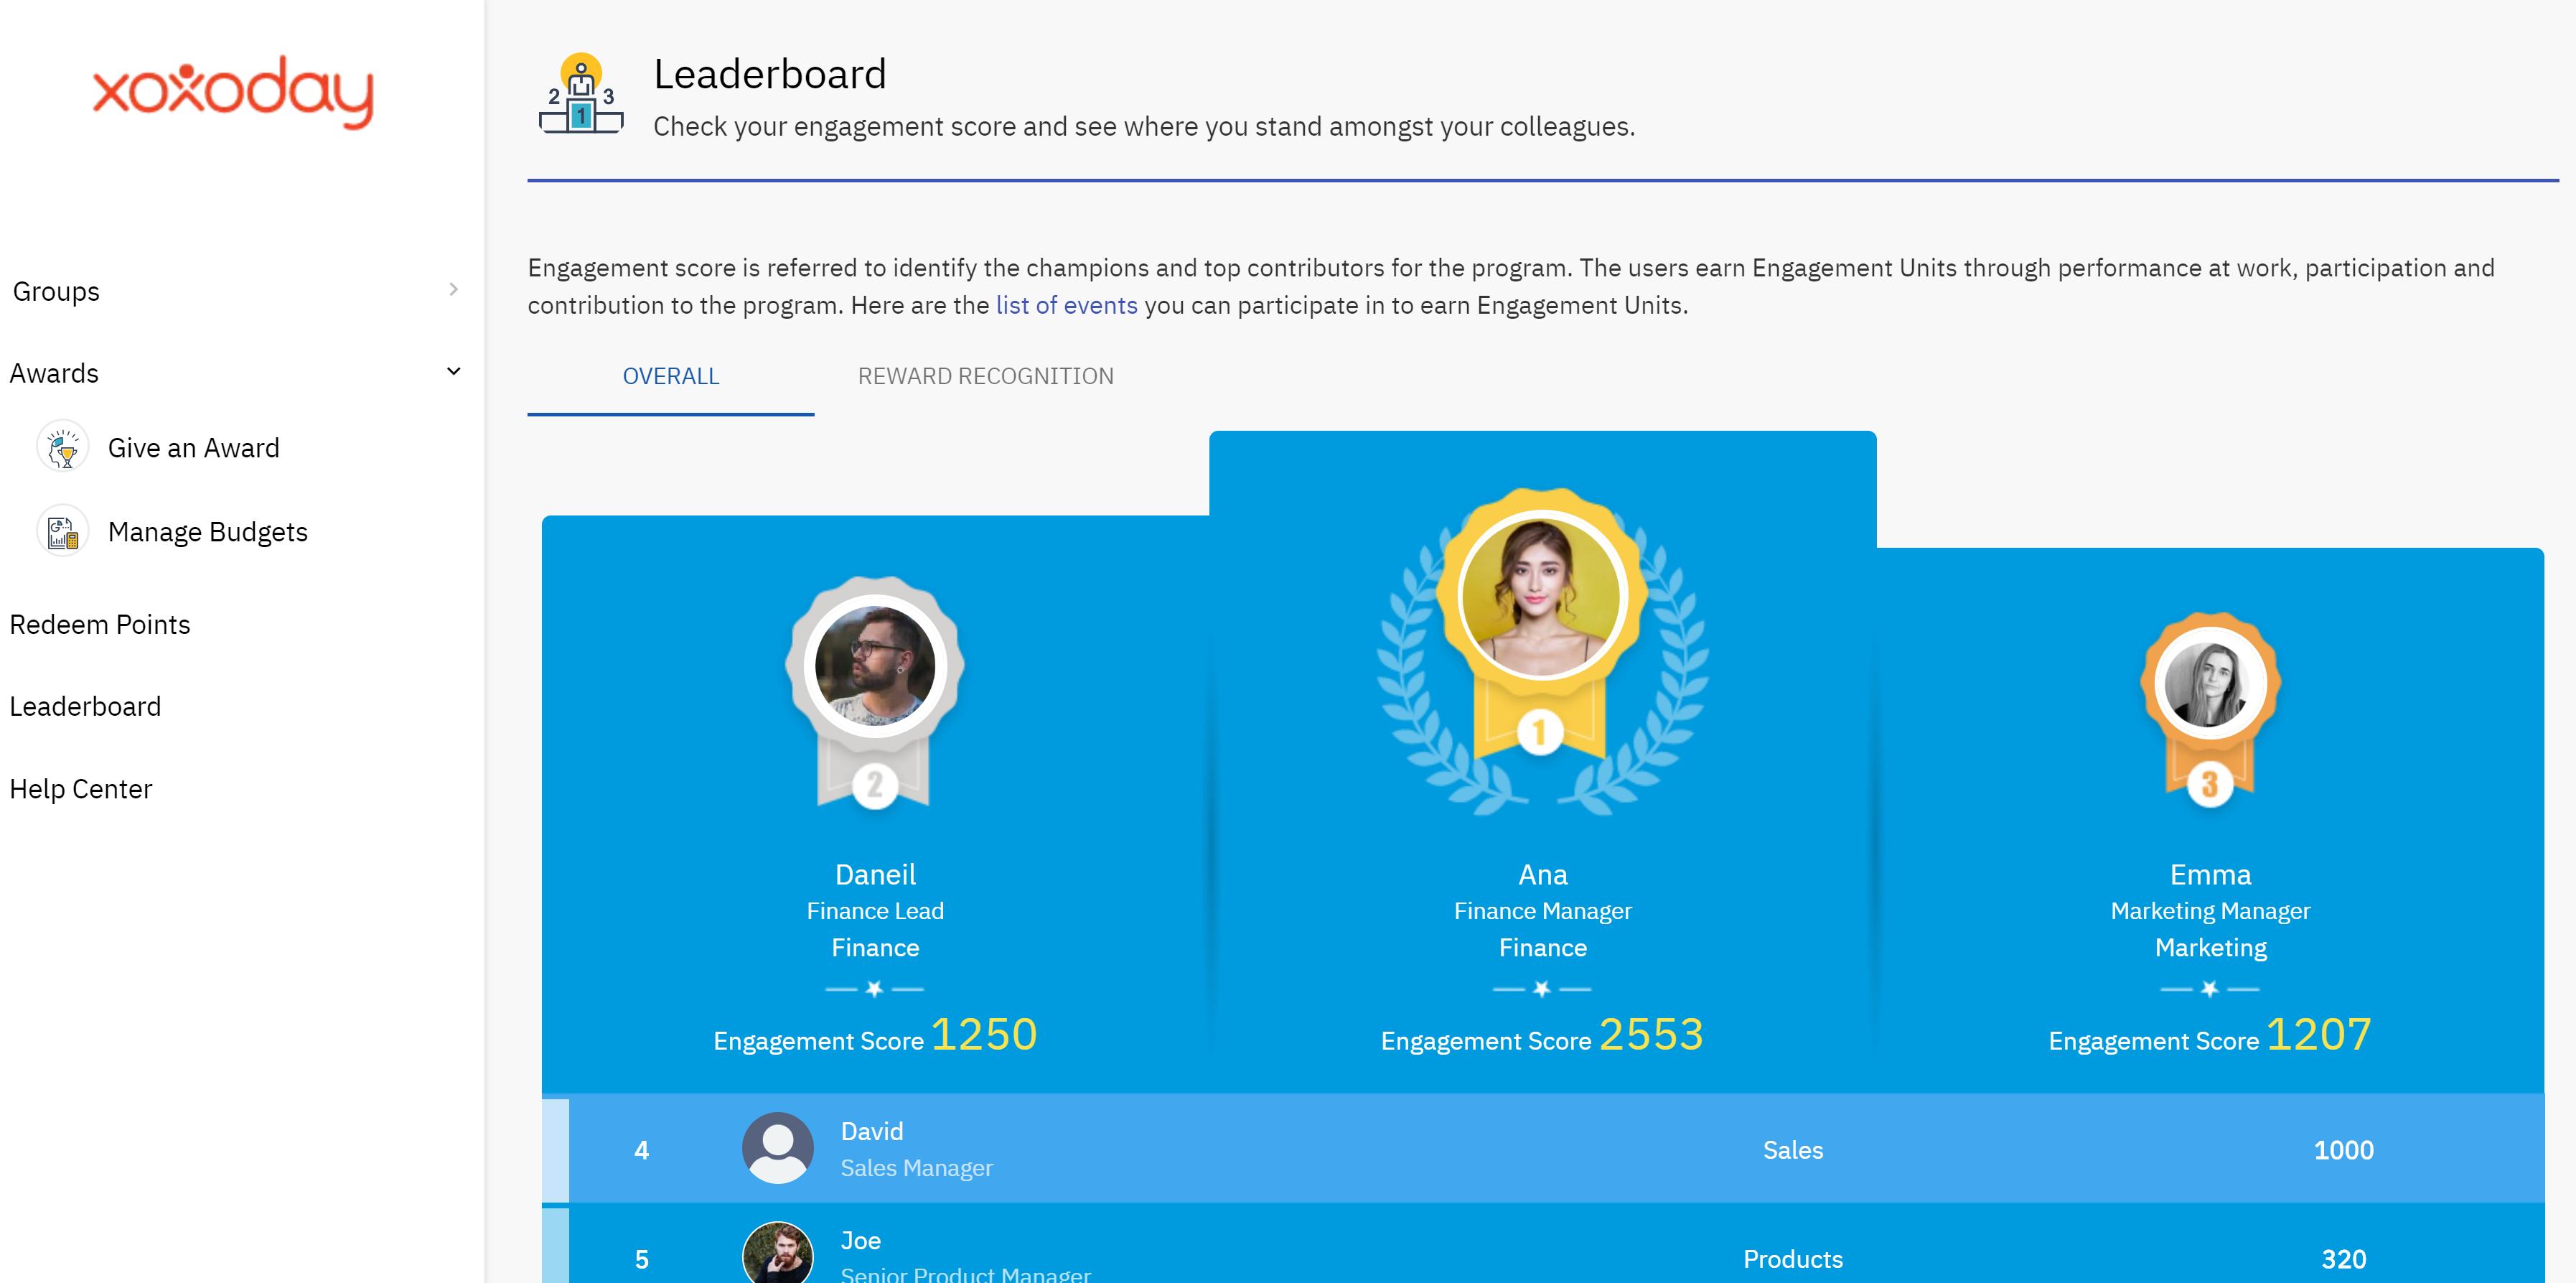 Xoxoday Empuls leaderboards